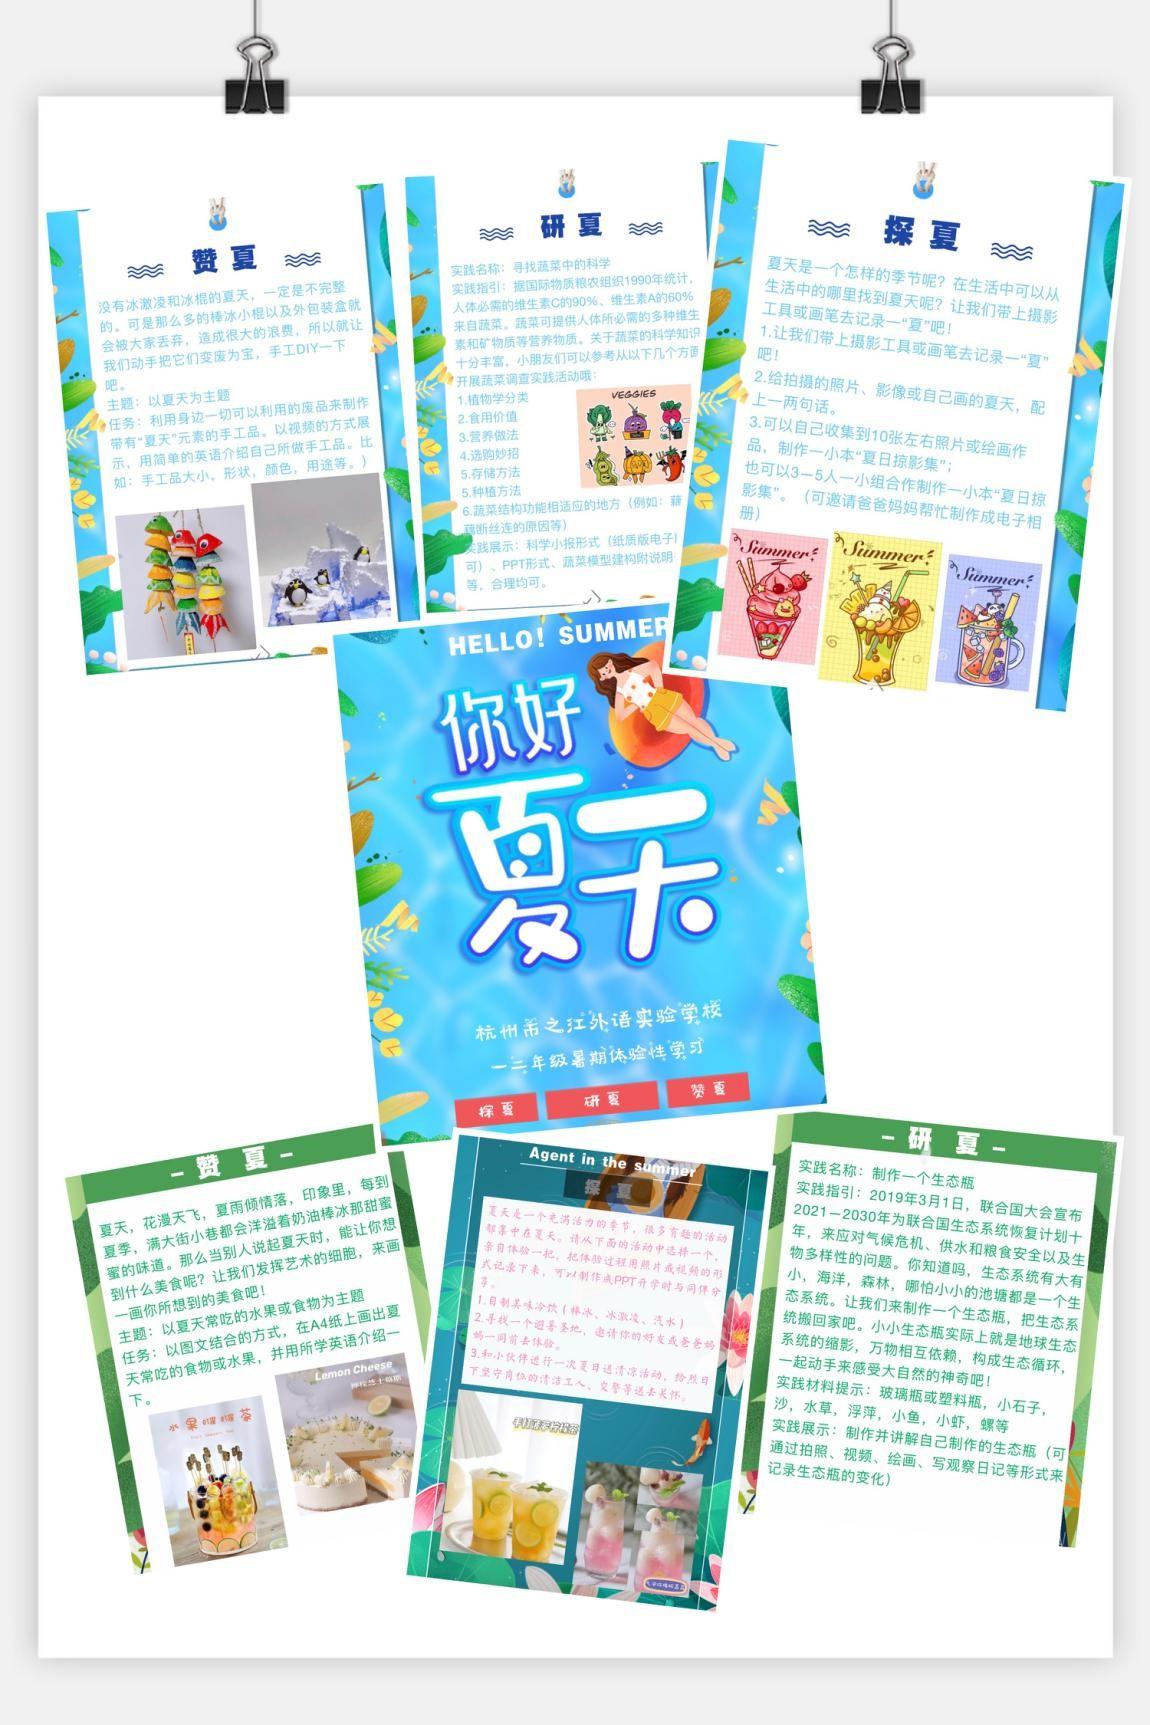 暑假刚过半,之江外语实验学校的同学已把这项作业做完了,快来看看是什么吧!